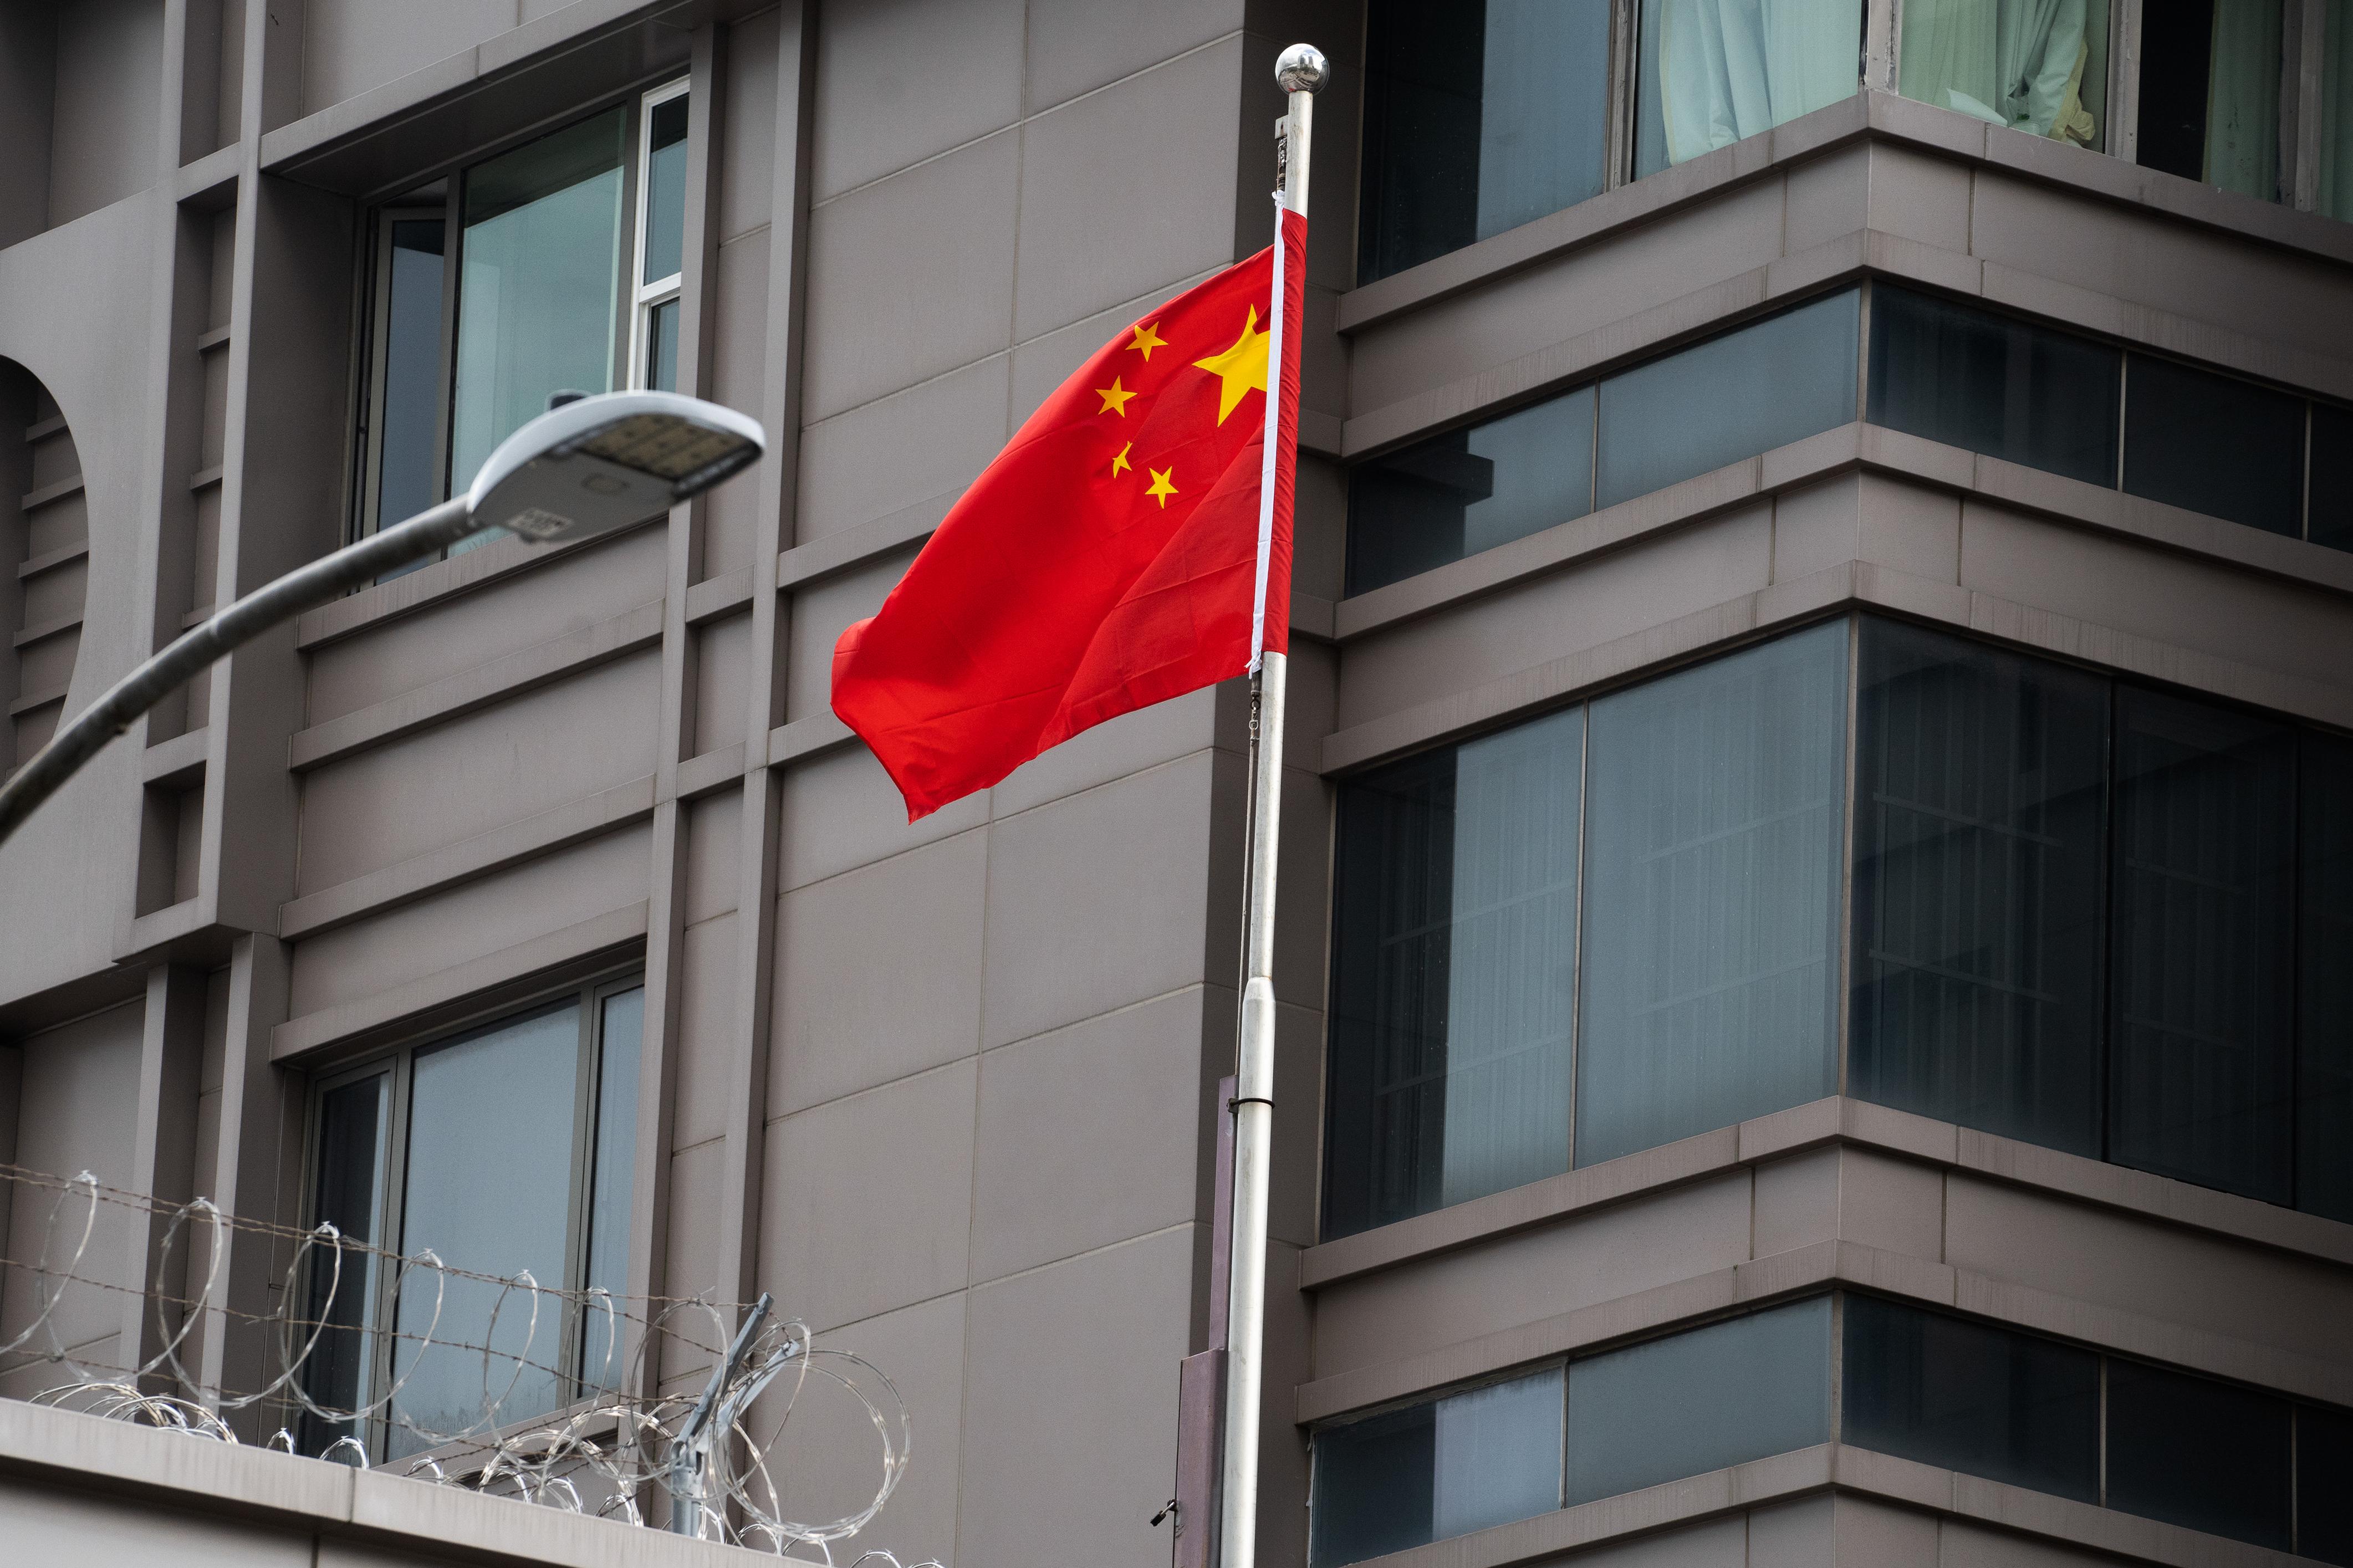 Egy szingapúri férfi beismerte, hogy Kínának kémkedett az USA-ban